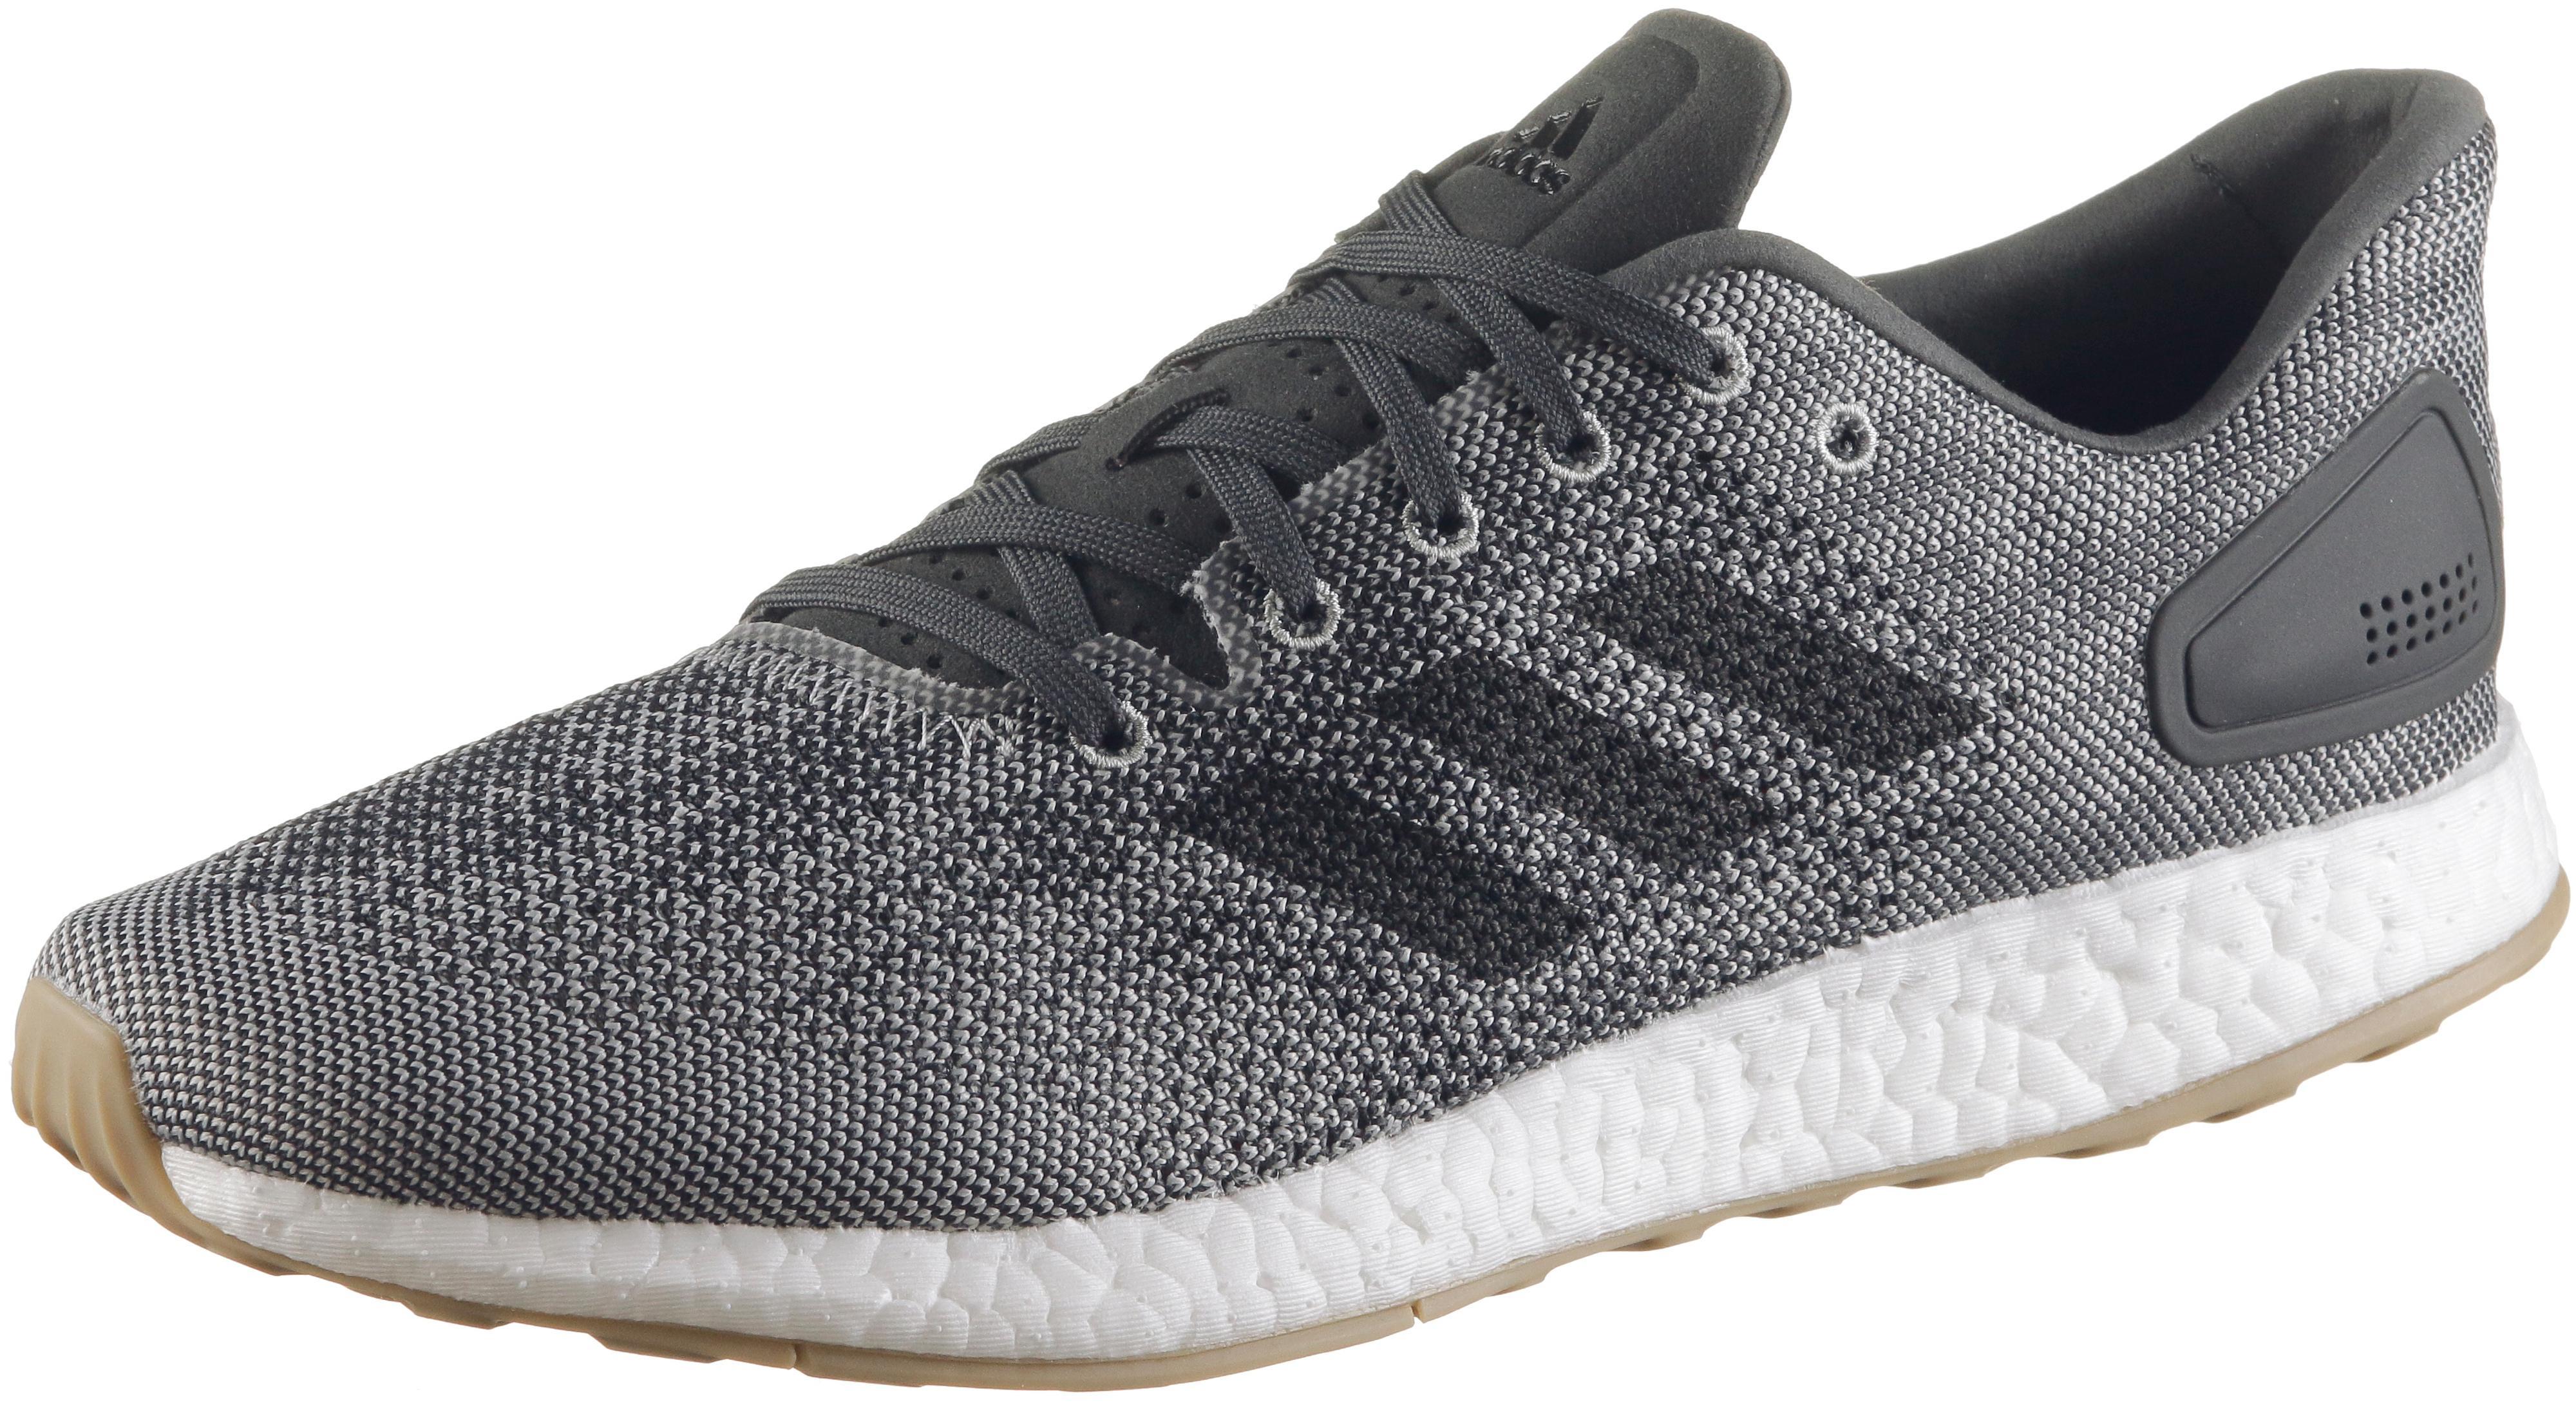 Adidas PureBoost DPR Laufschuhe Herren core-black im Online Online Online Shop von SportScheck kaufen Gute Qualität beliebte Schuhe 5c864d